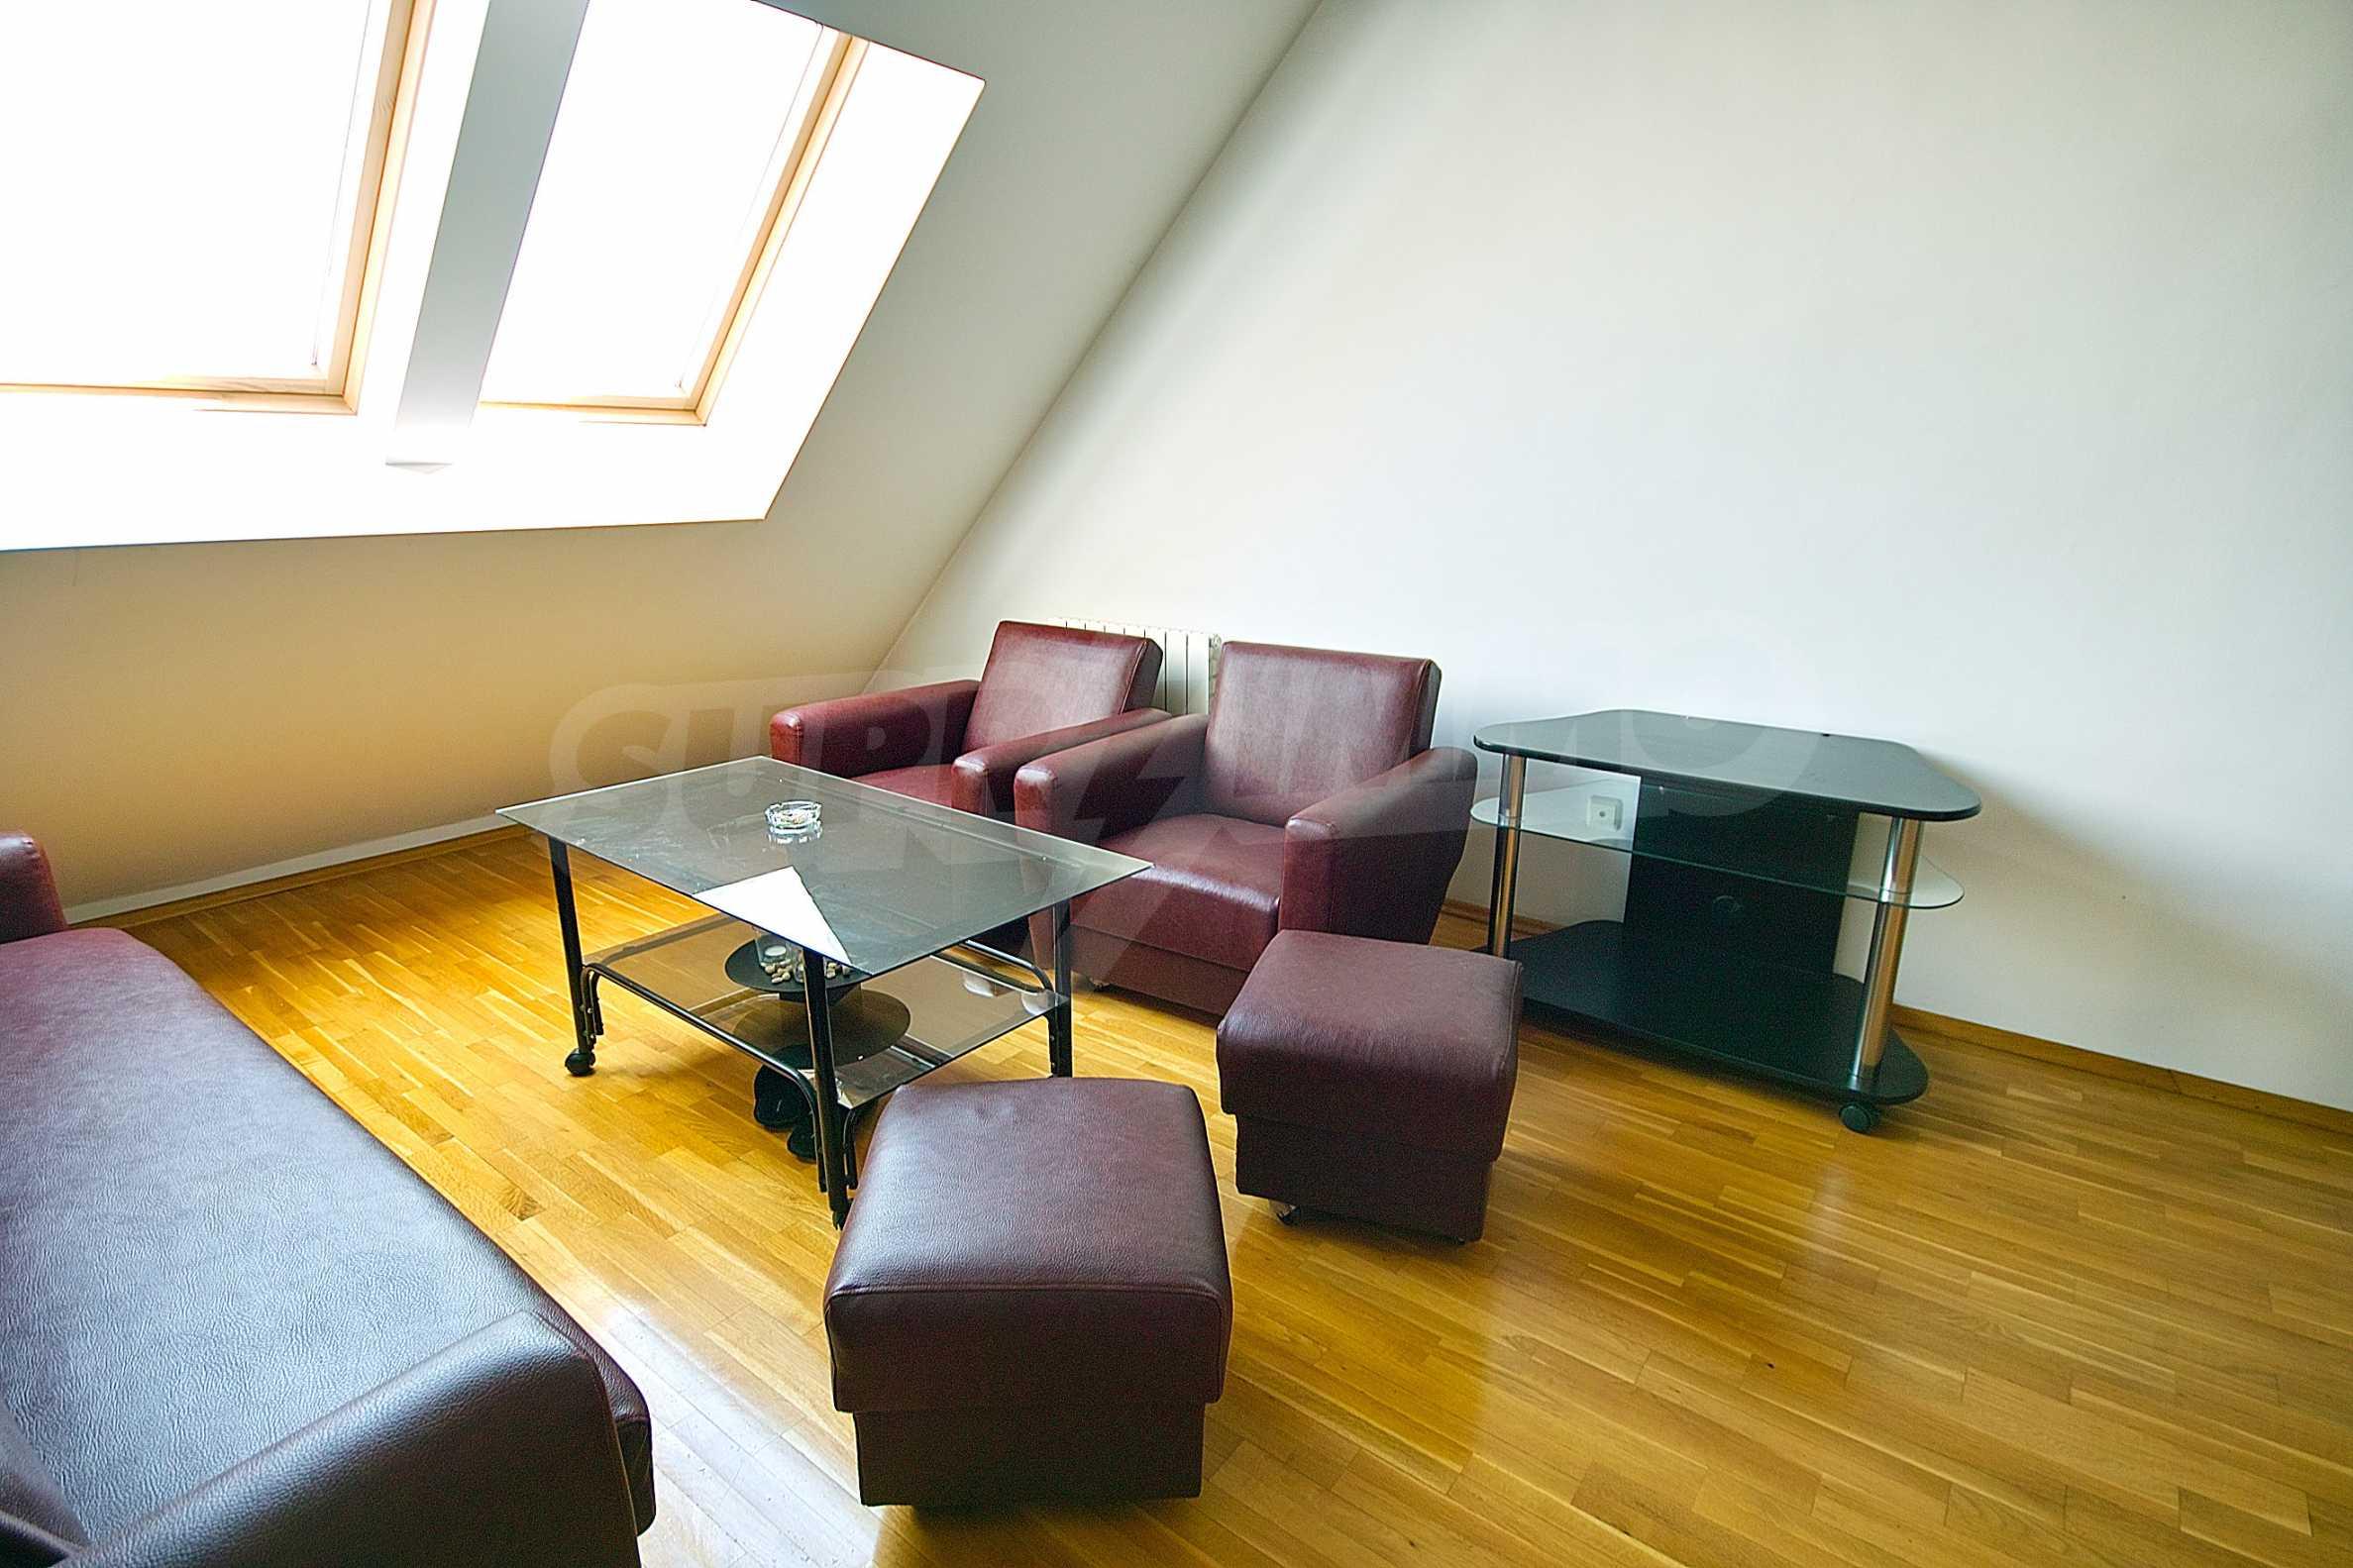 Wohnung zu vermieten in Lyulin-3 Bezirk neben der U-Bahn 1